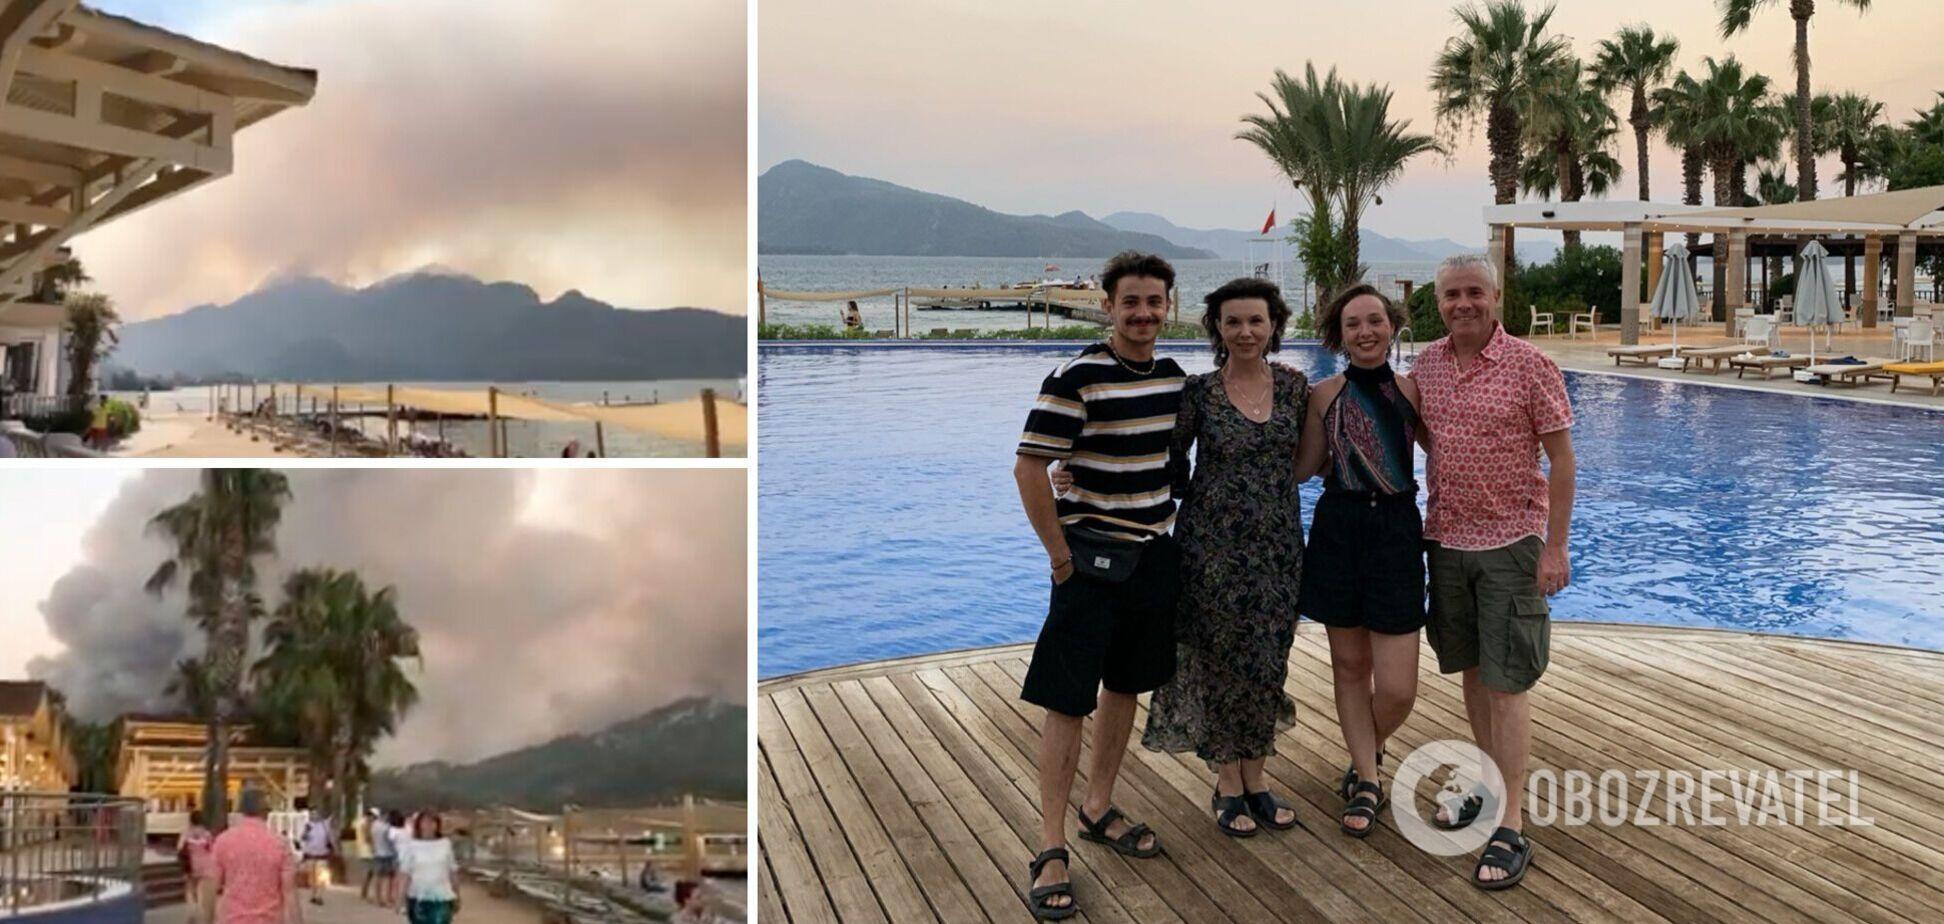 Пожары в Турции испортили отдых семье журналистаКонстантина Грубича